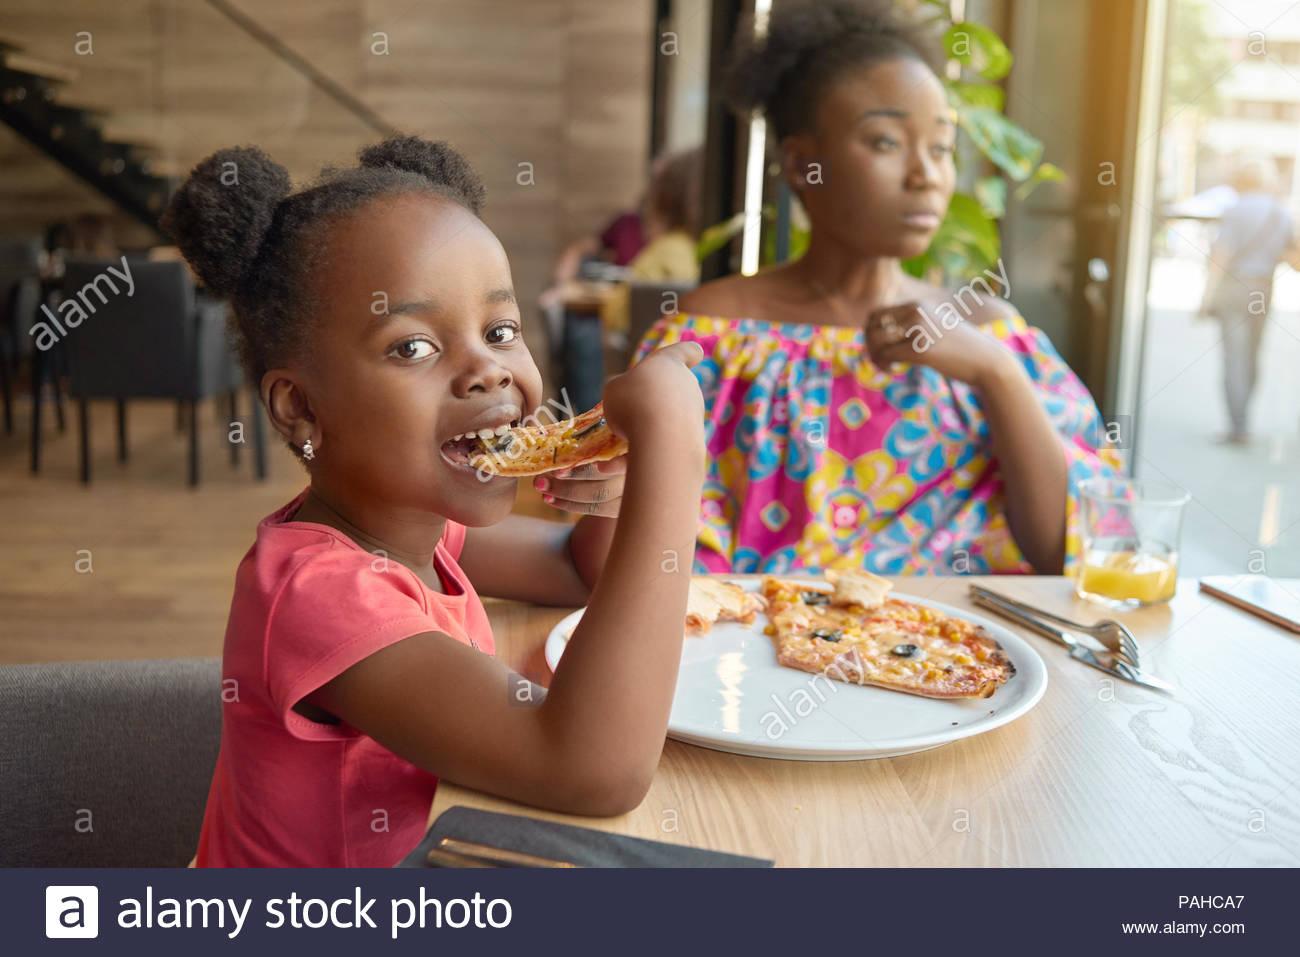 Hungrige kleine Mädchen essen Pizza in der Nähe ihrer Mutter sitzt im Cafe. Glücklich, gut gelaunt, wundervolle Zeit zusammen, sehr nette Familie. Andere Kunden in's Cafe Hintergrund sitzen. Loft design interieur. Stockbild